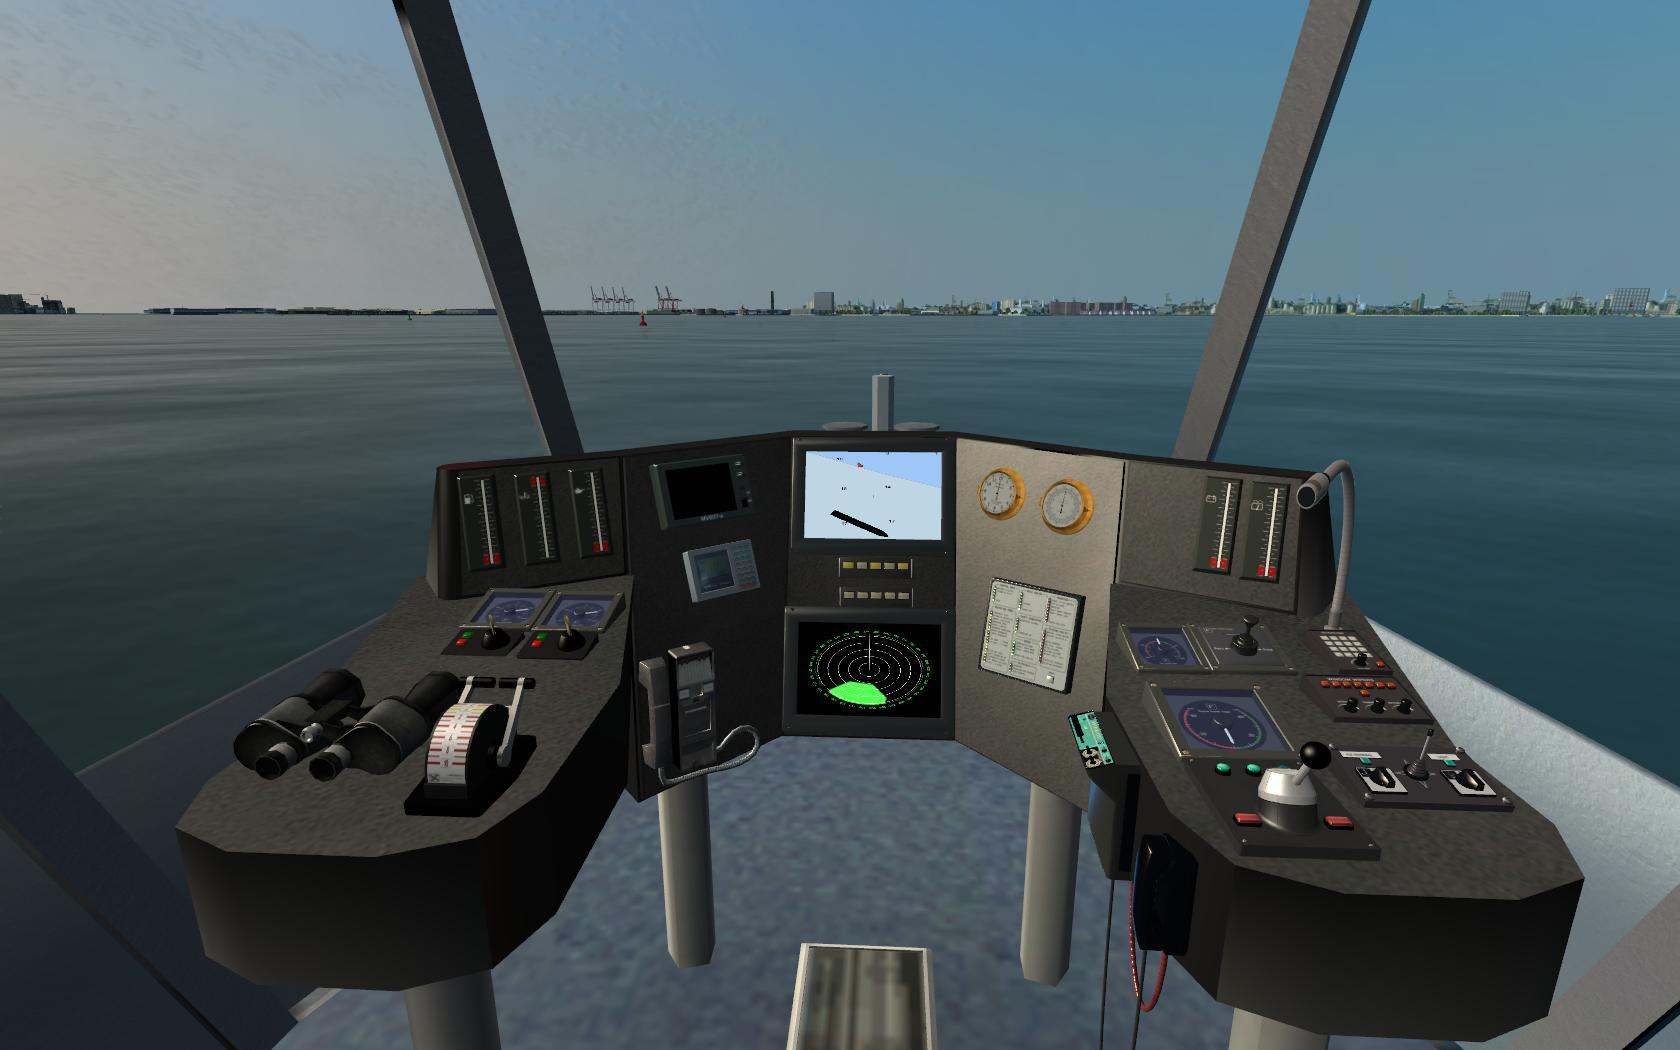 shipsim com - luxury cruise vessel  u201cms oceana u201d